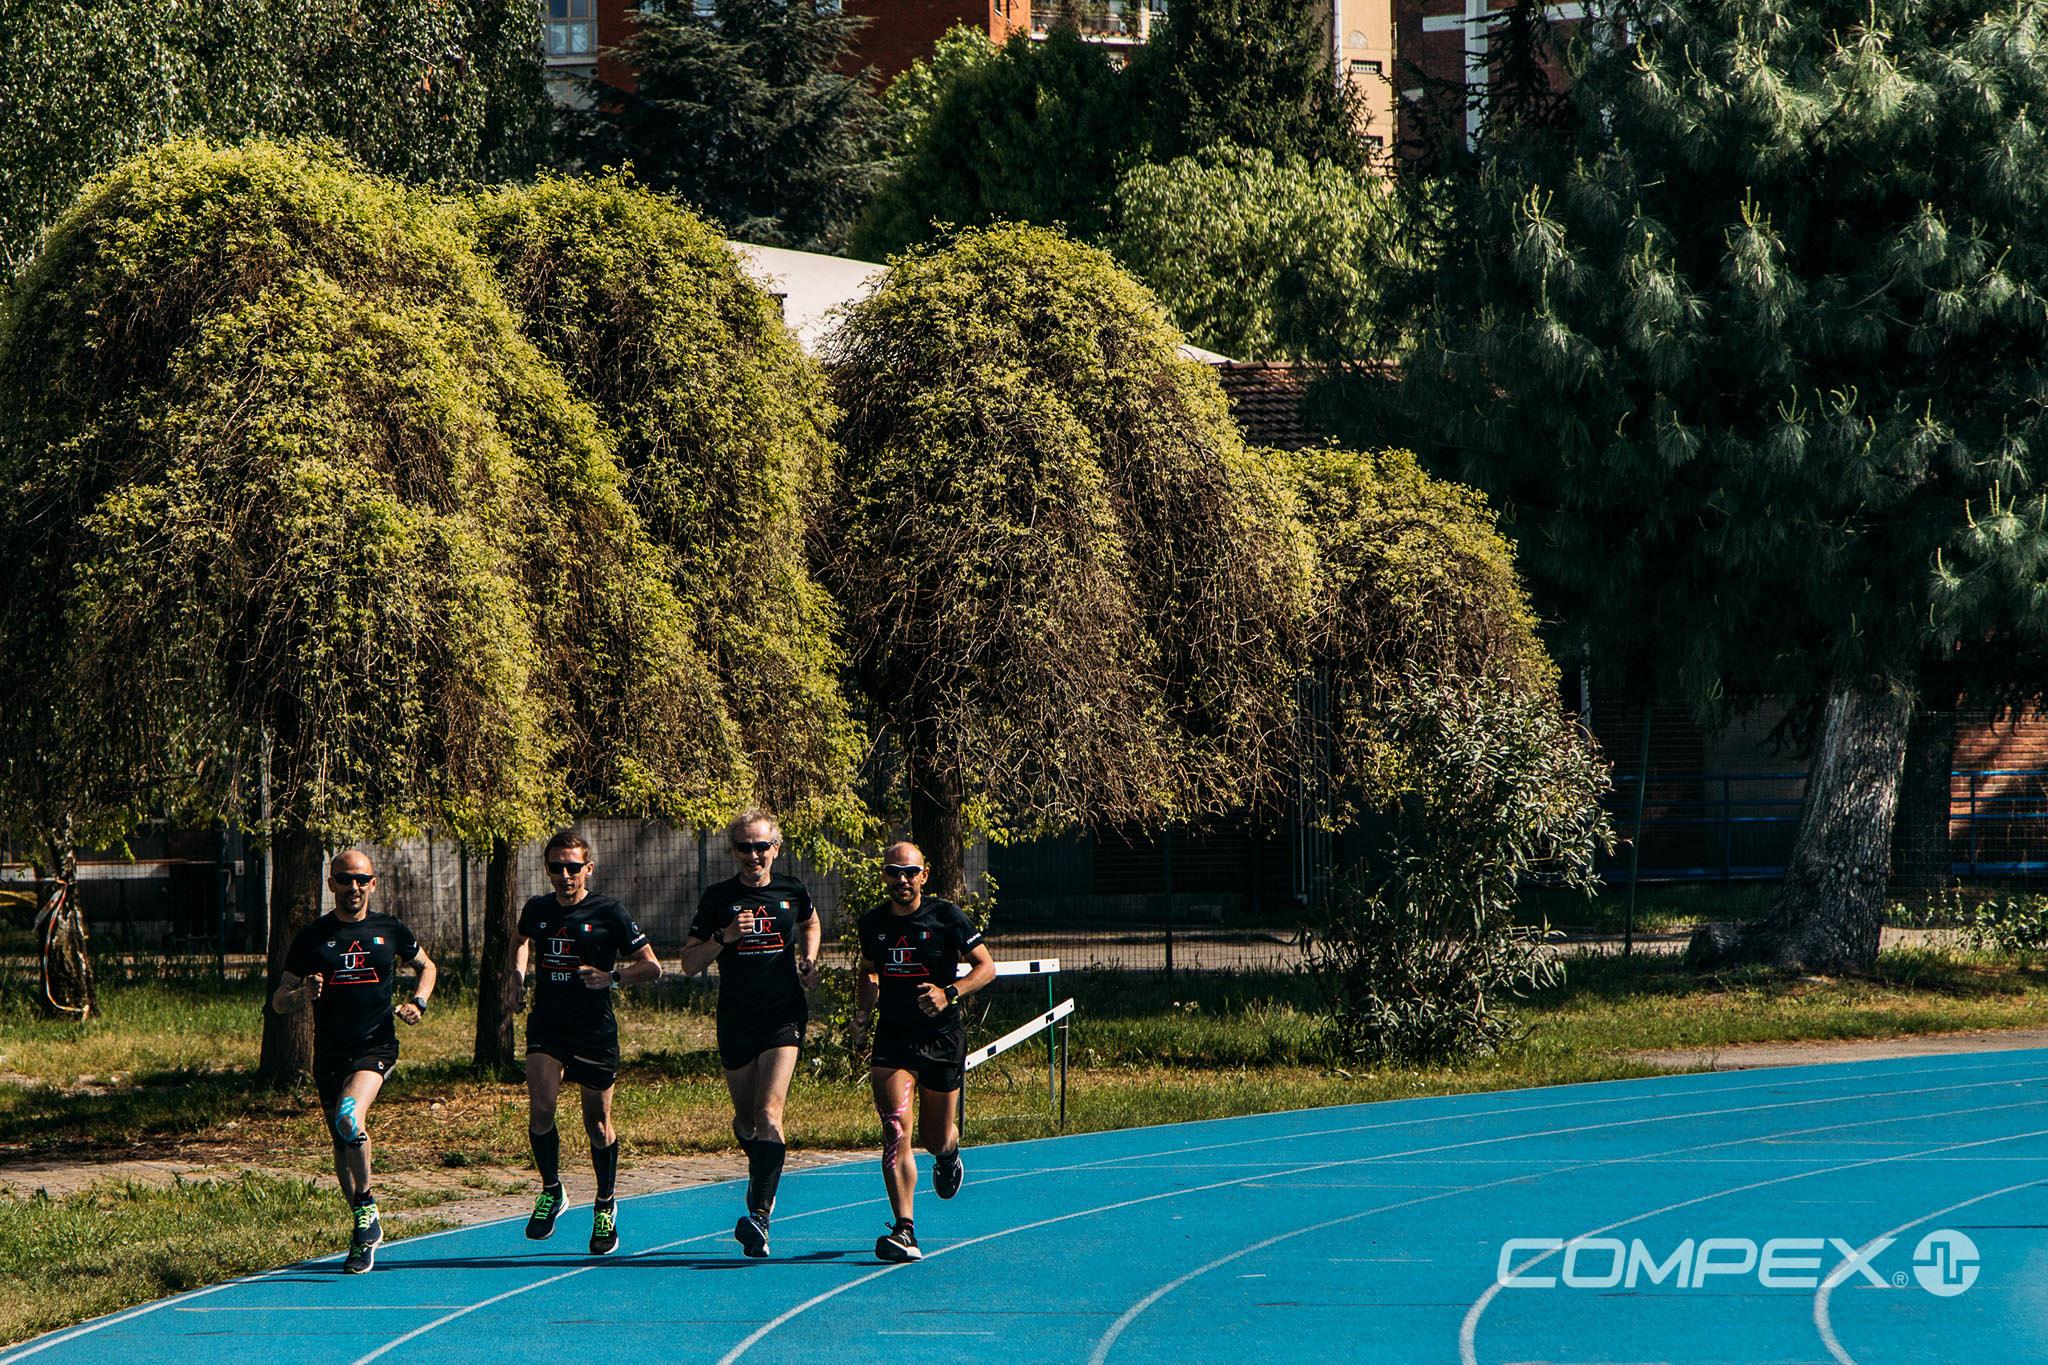 Gli allenatori del Team Compex alla Maratona di Milano 2020